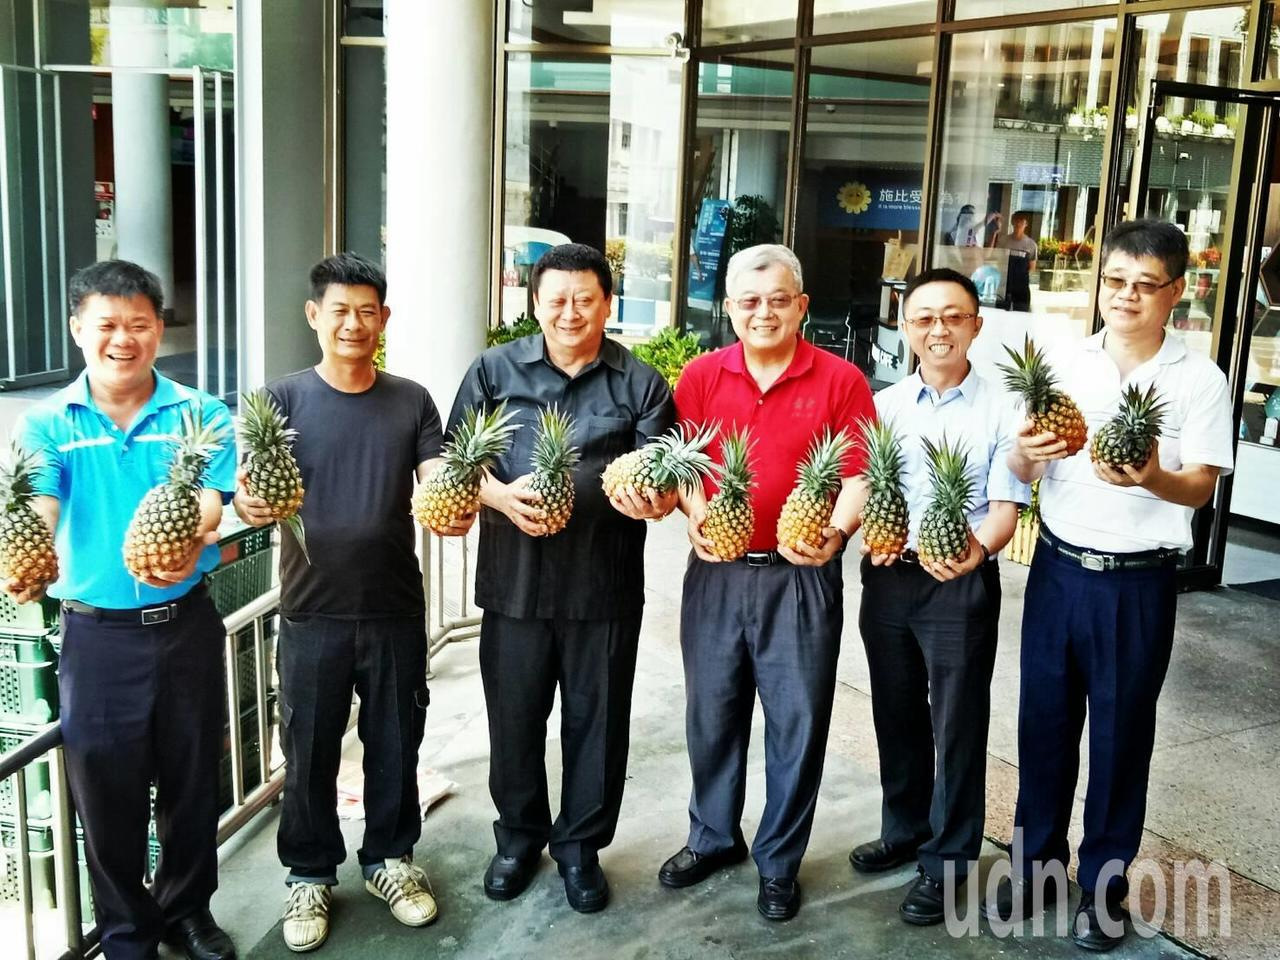 台東縣政府員工認購的6公噸鳳梨,今天起將分3天送到縣府,並分送到每位認購的員工手...